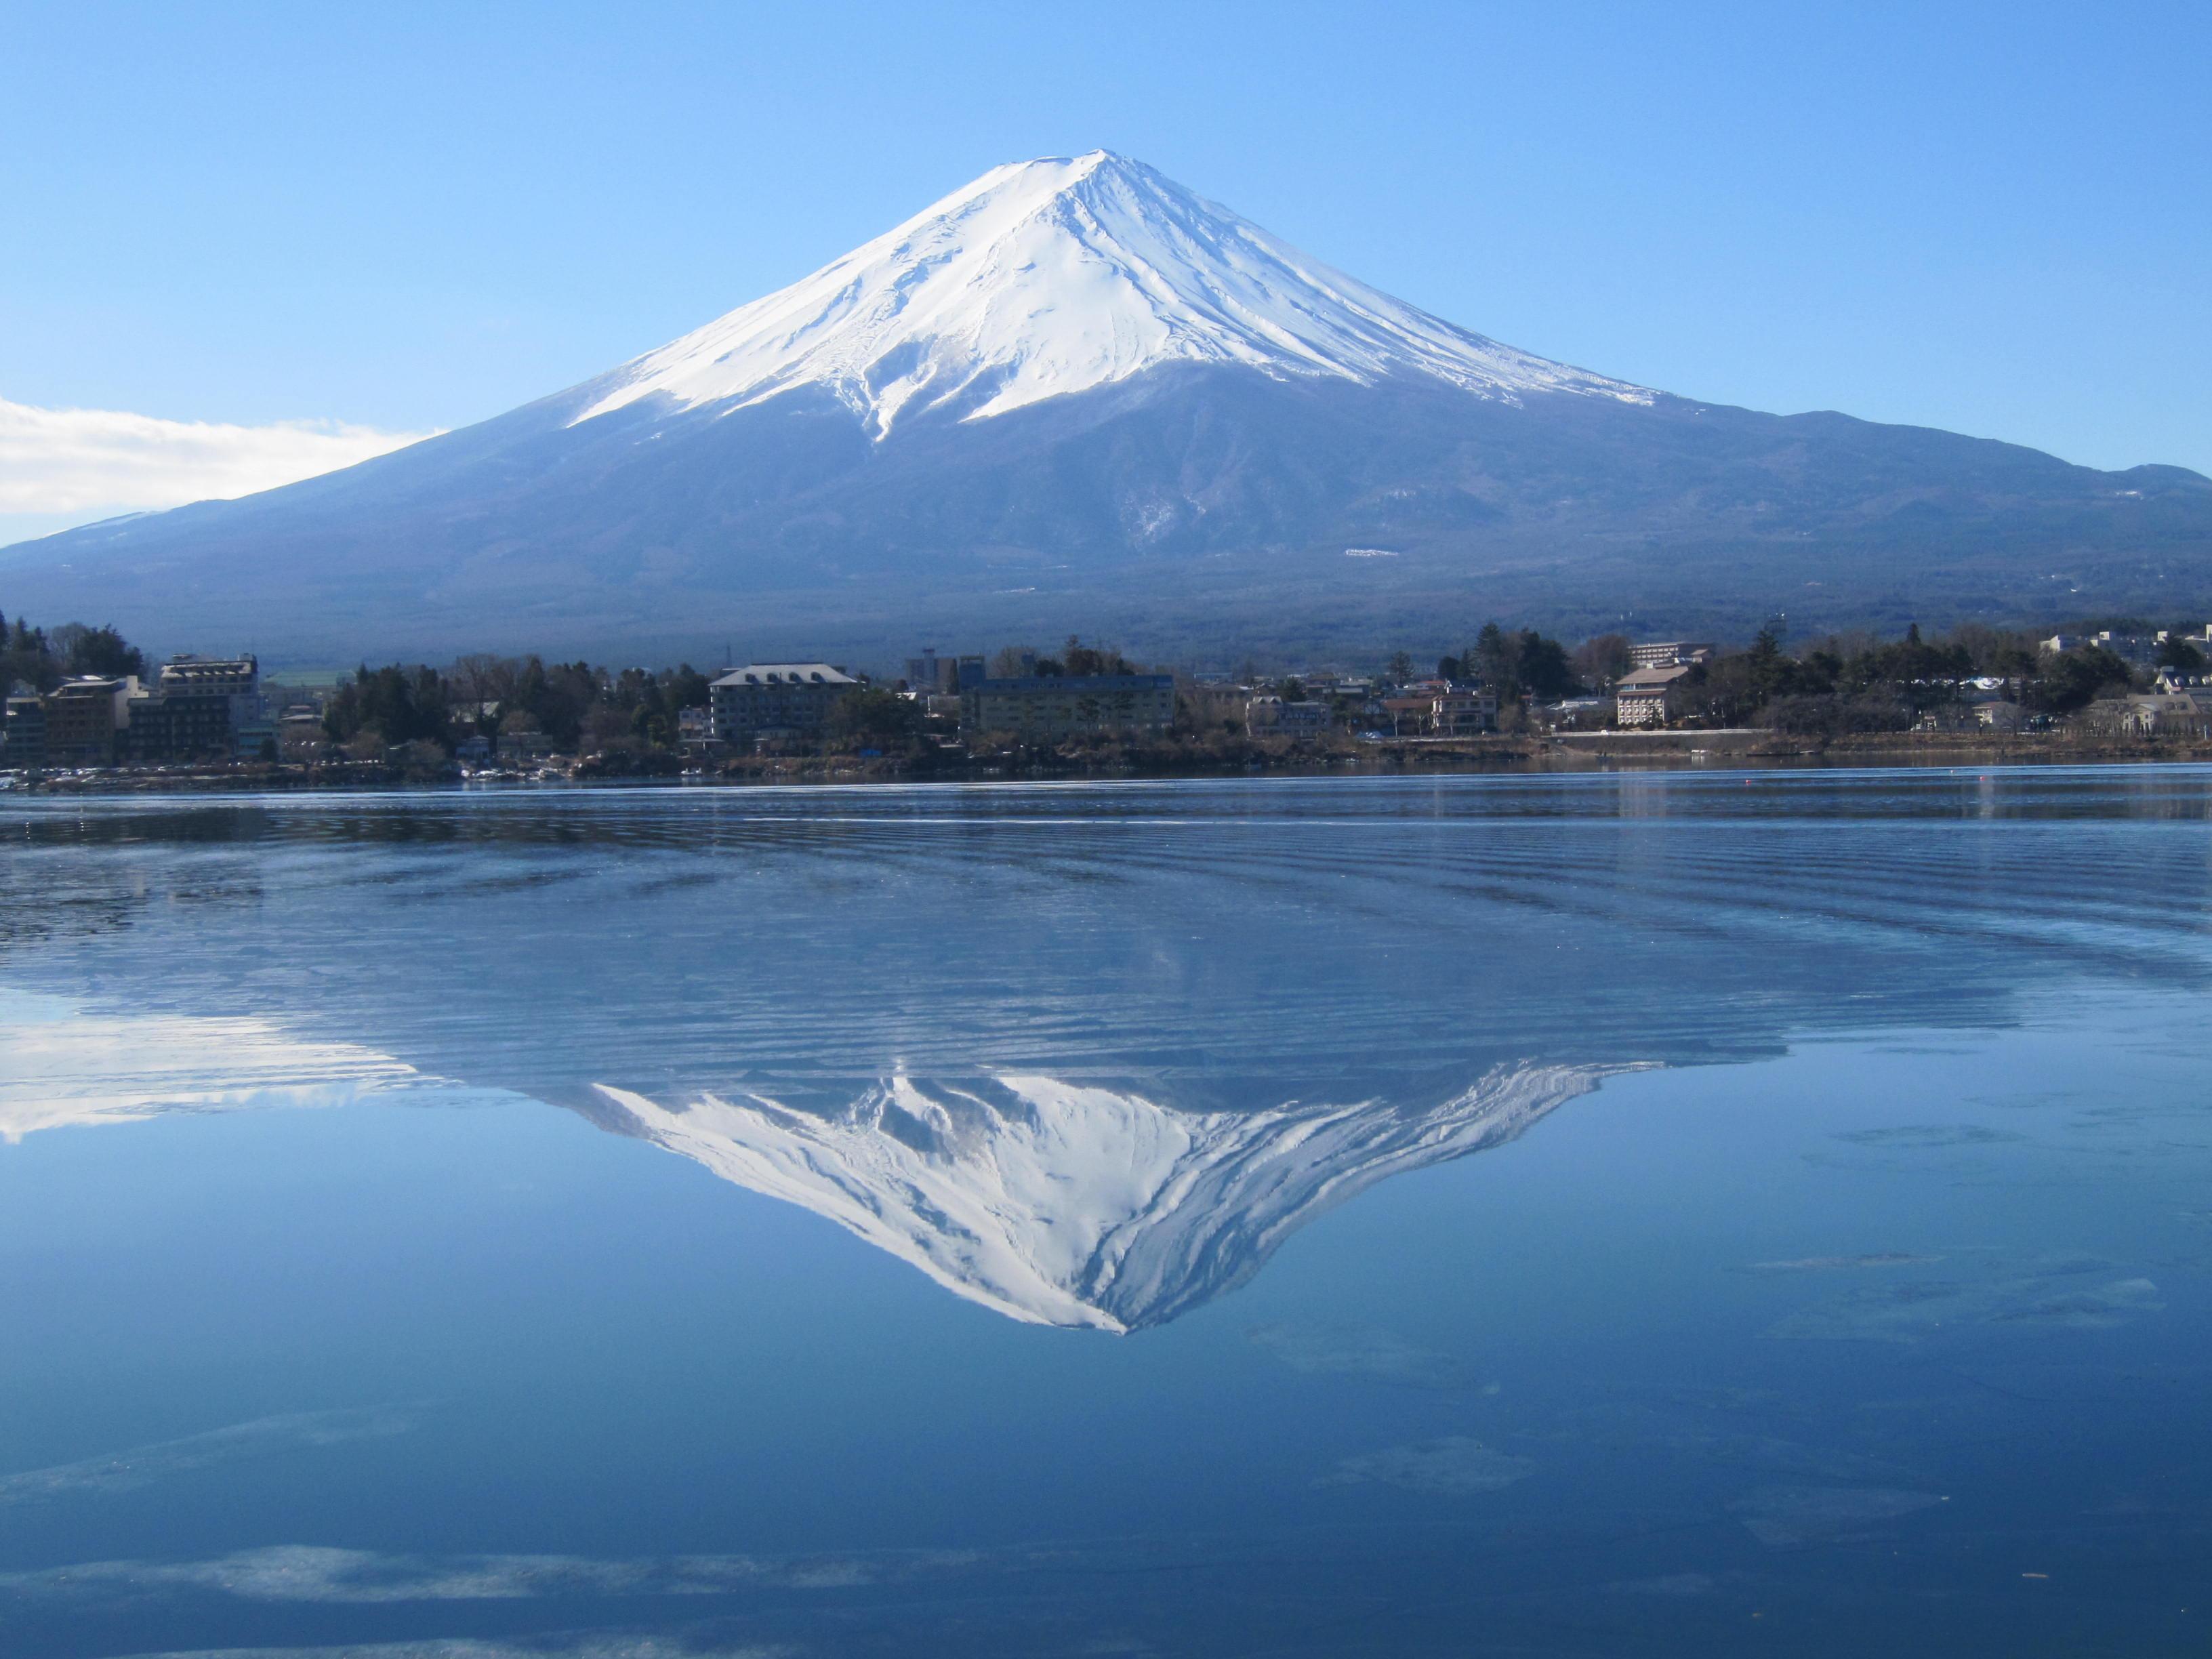 富士山は日本で一番高い山であるが、意外と平和なのはやはり日本だからか